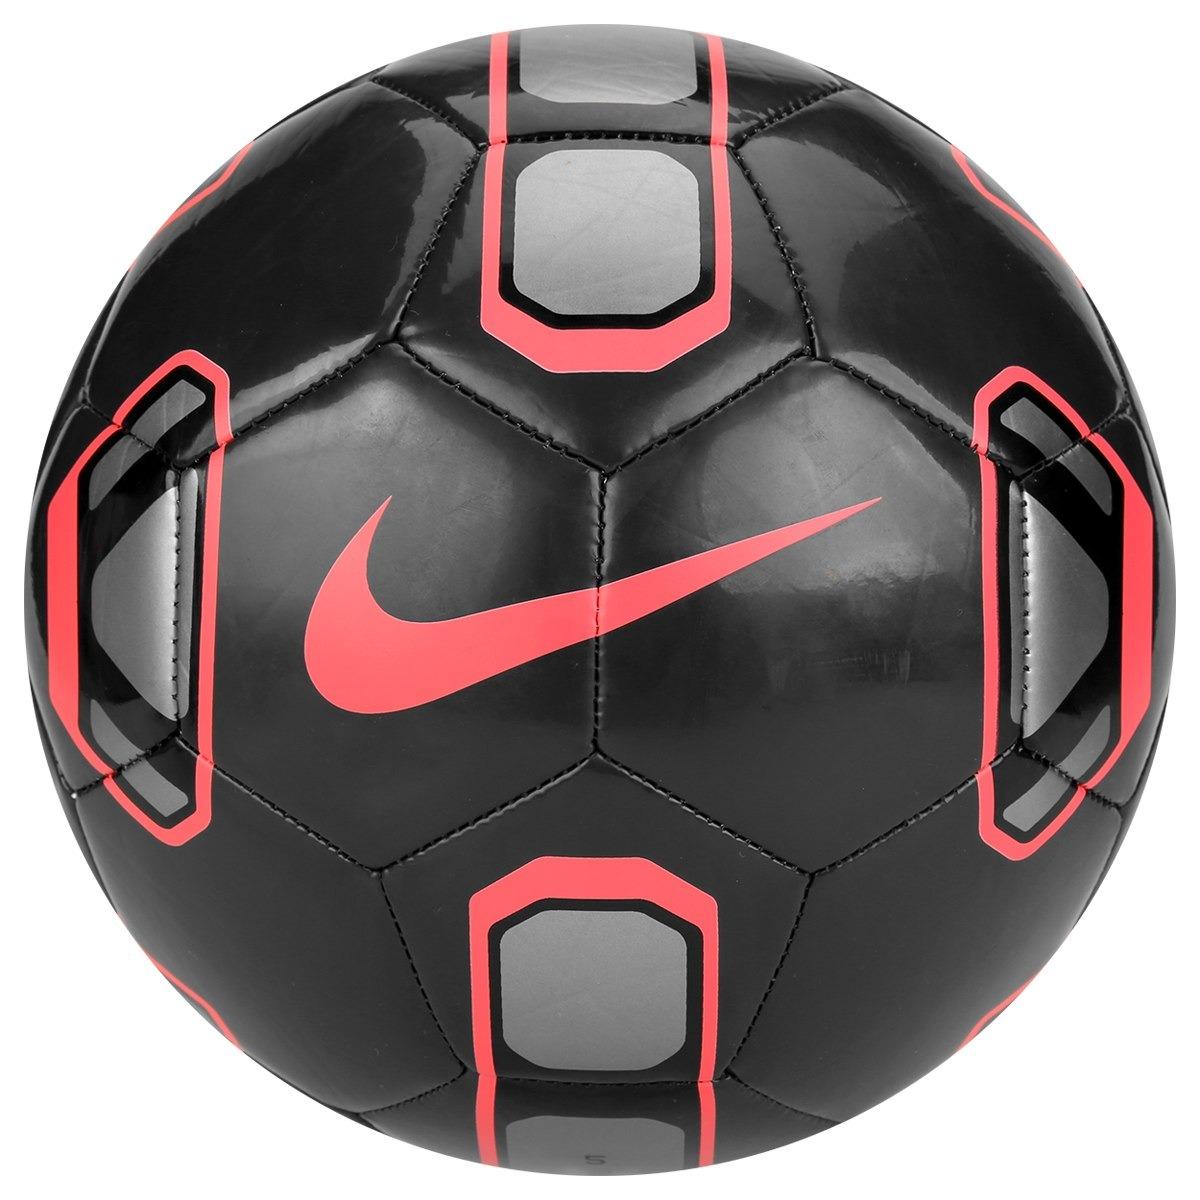 4d40e06d0dce5 bola futebol nike tracer training campo preto rosa. Carregando zoom.